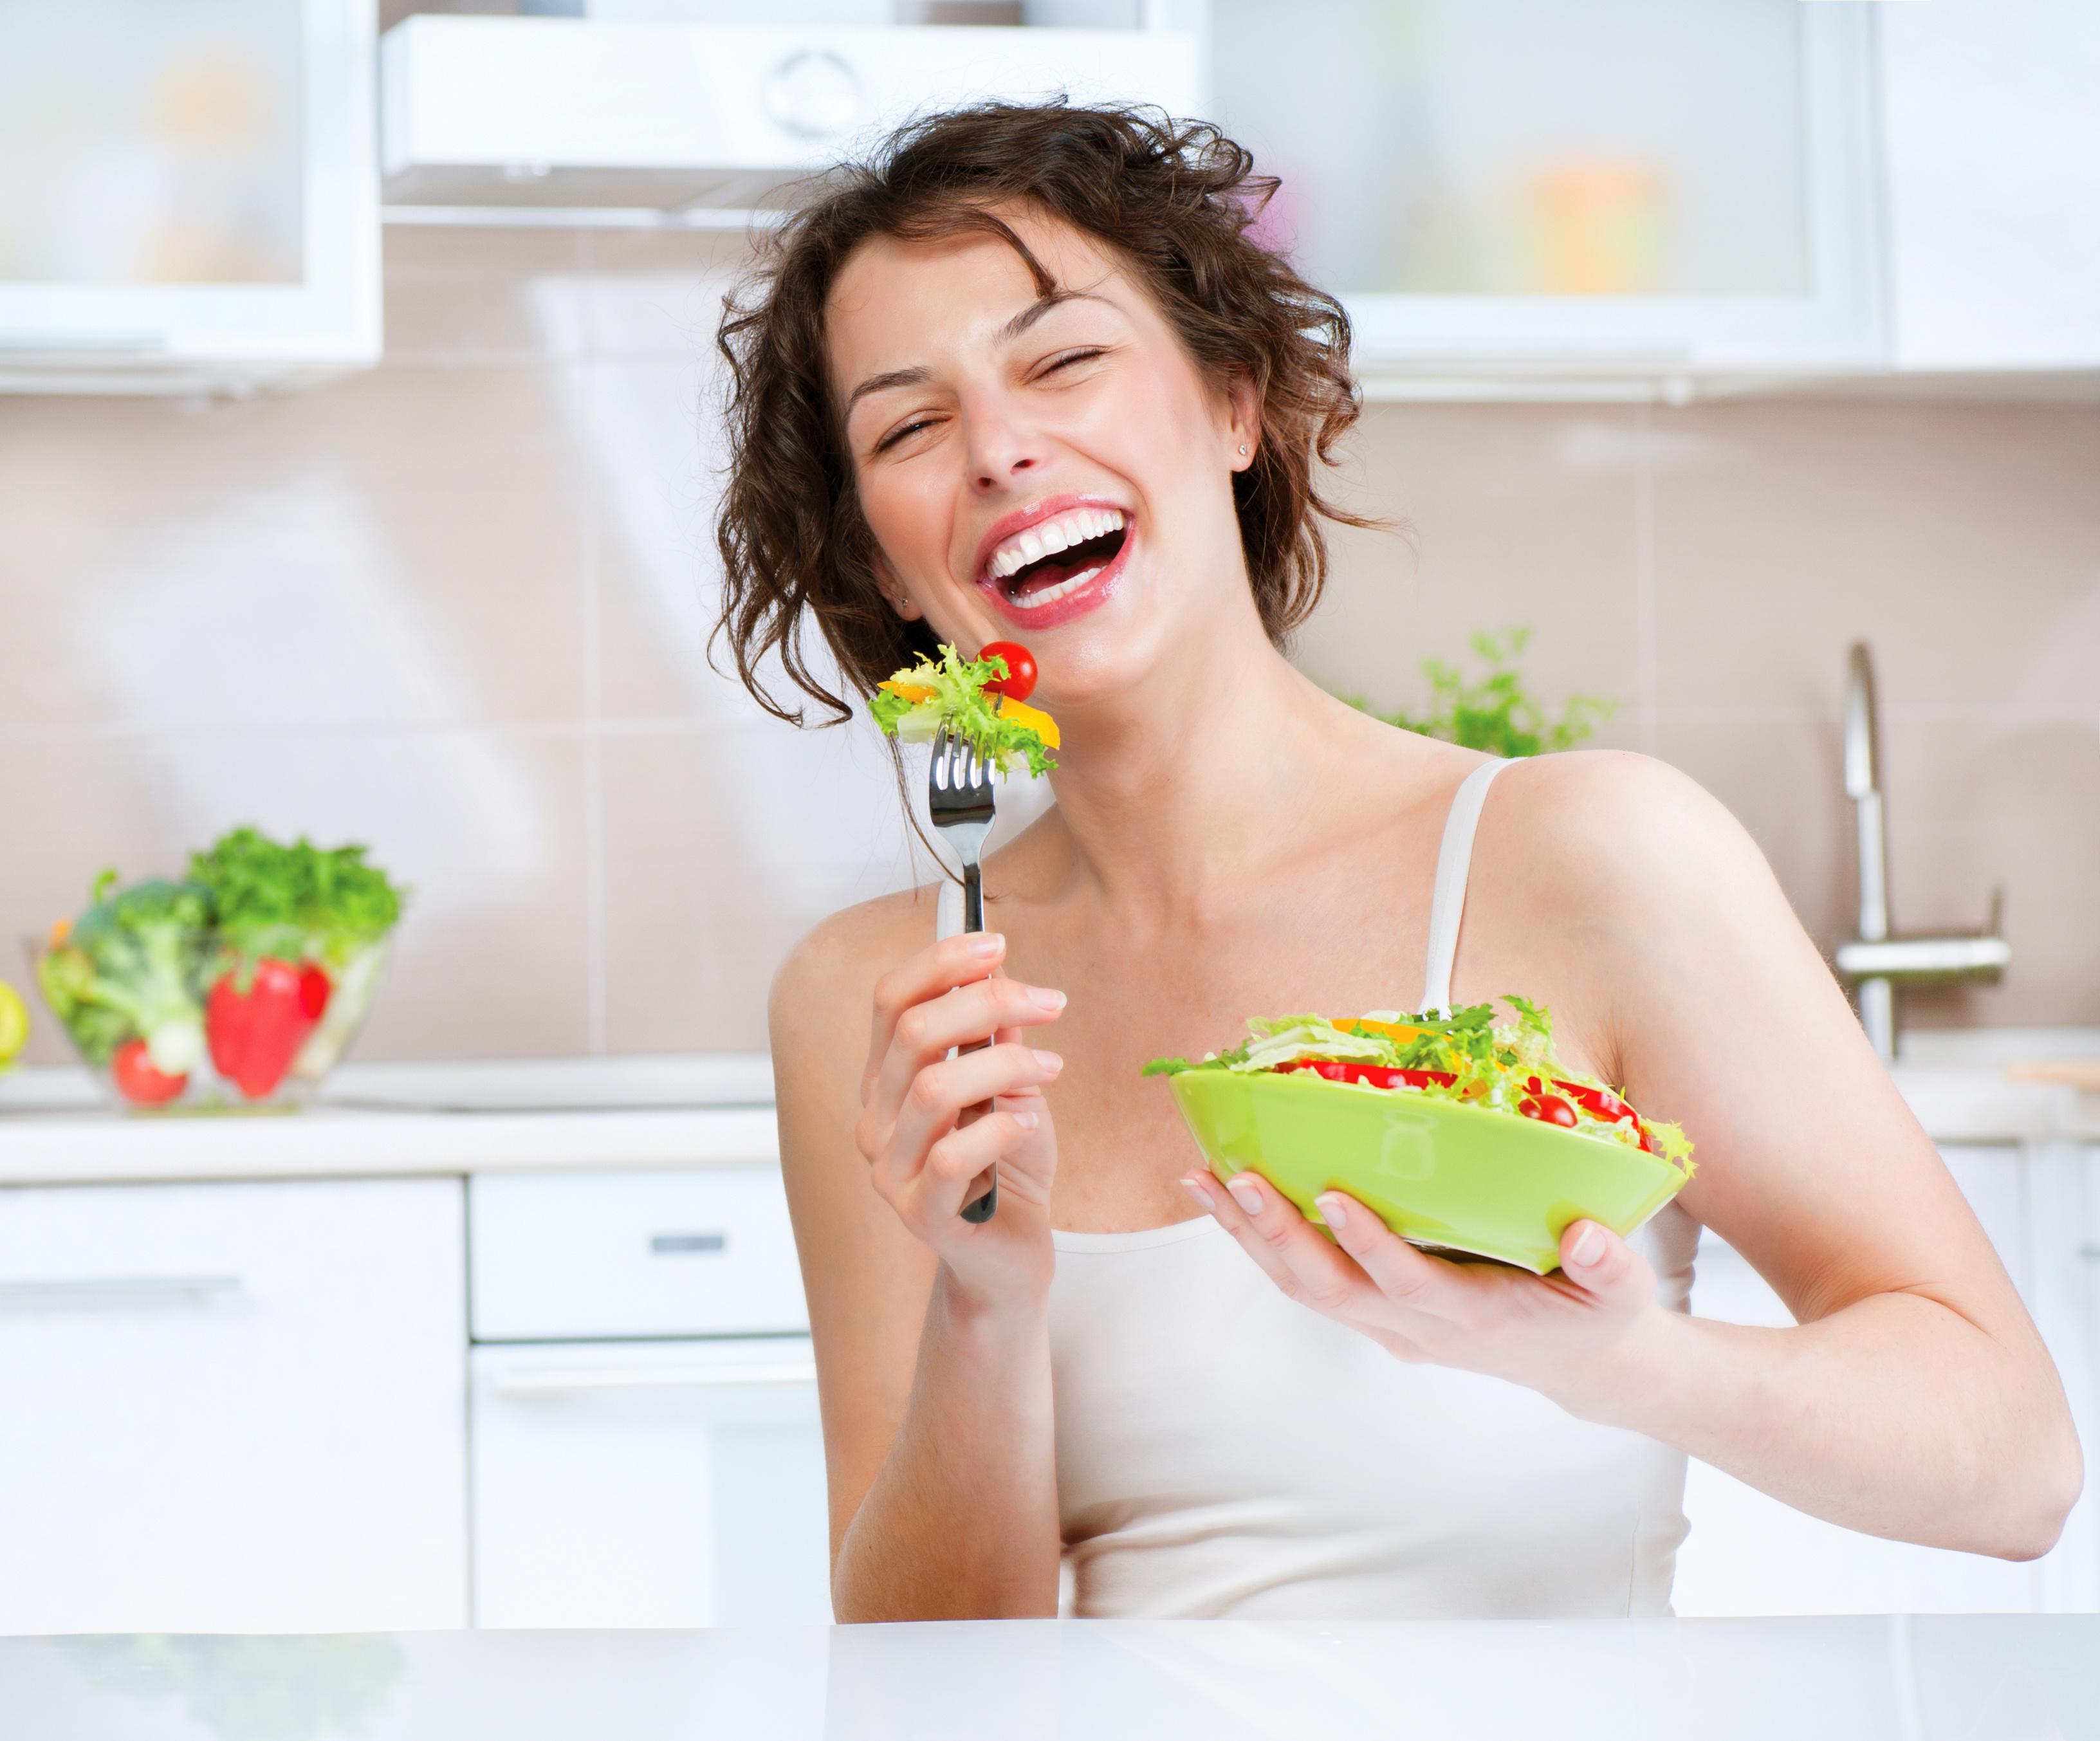 co jeść przed owulacją?